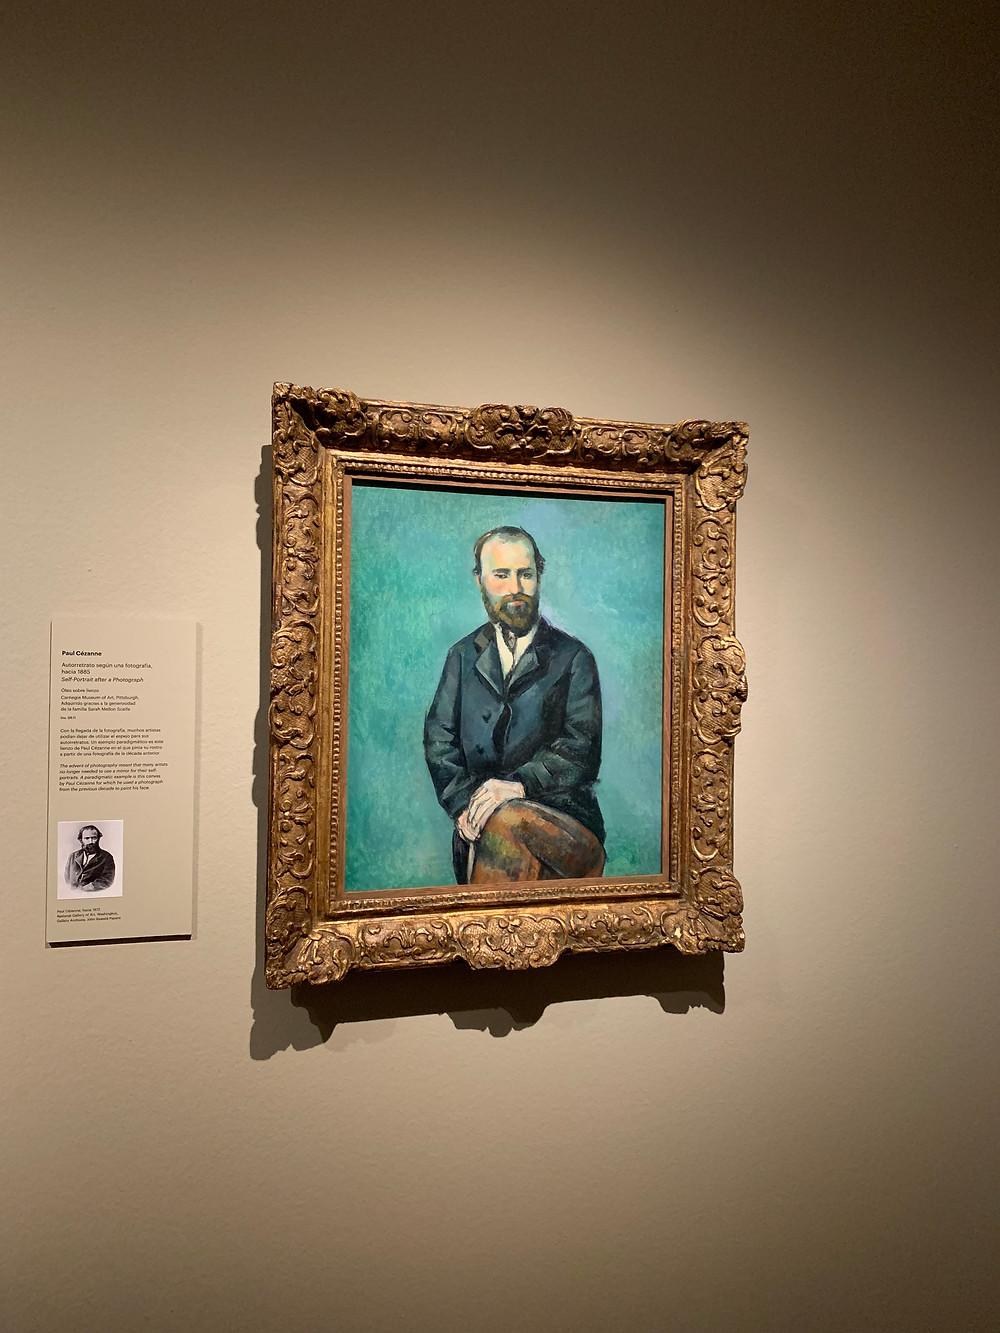 exposition au thyssen la photographie et les impressionnistes blog uneparisienneamadrid.com